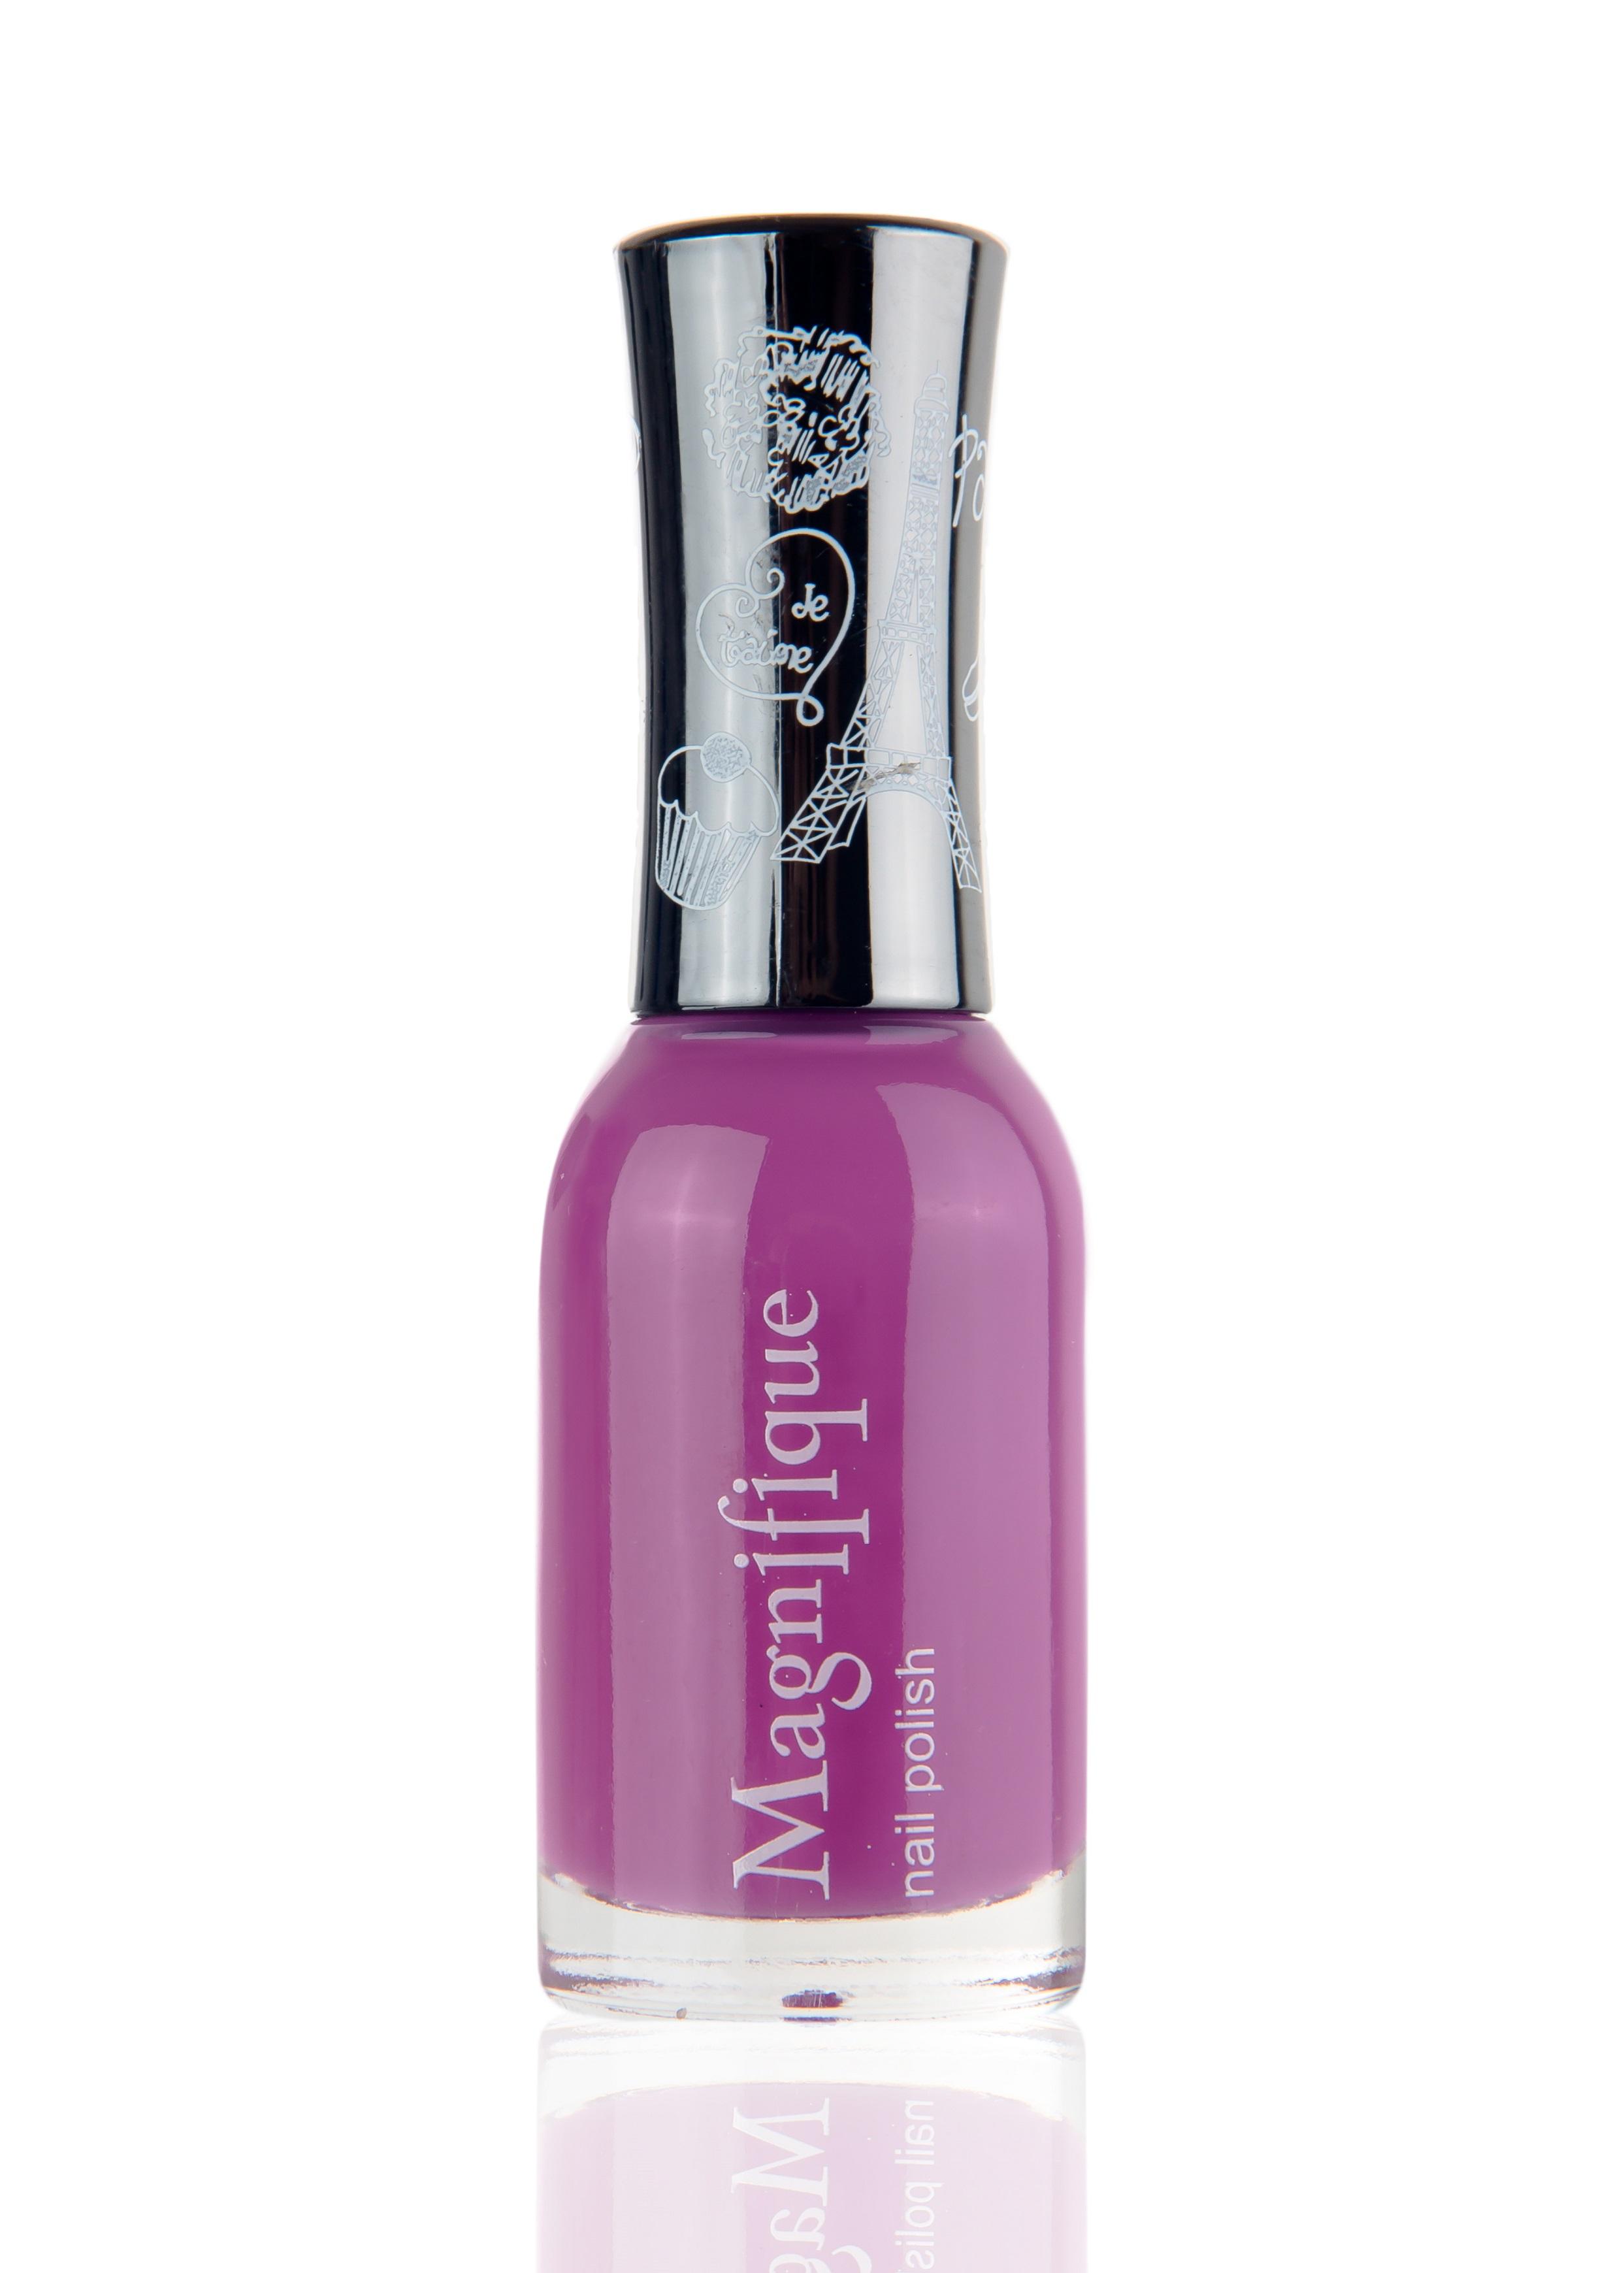 Купить AURELIA 114 лак для ногтей / Magnifique GEL effect 13 мл, Фиолетовые